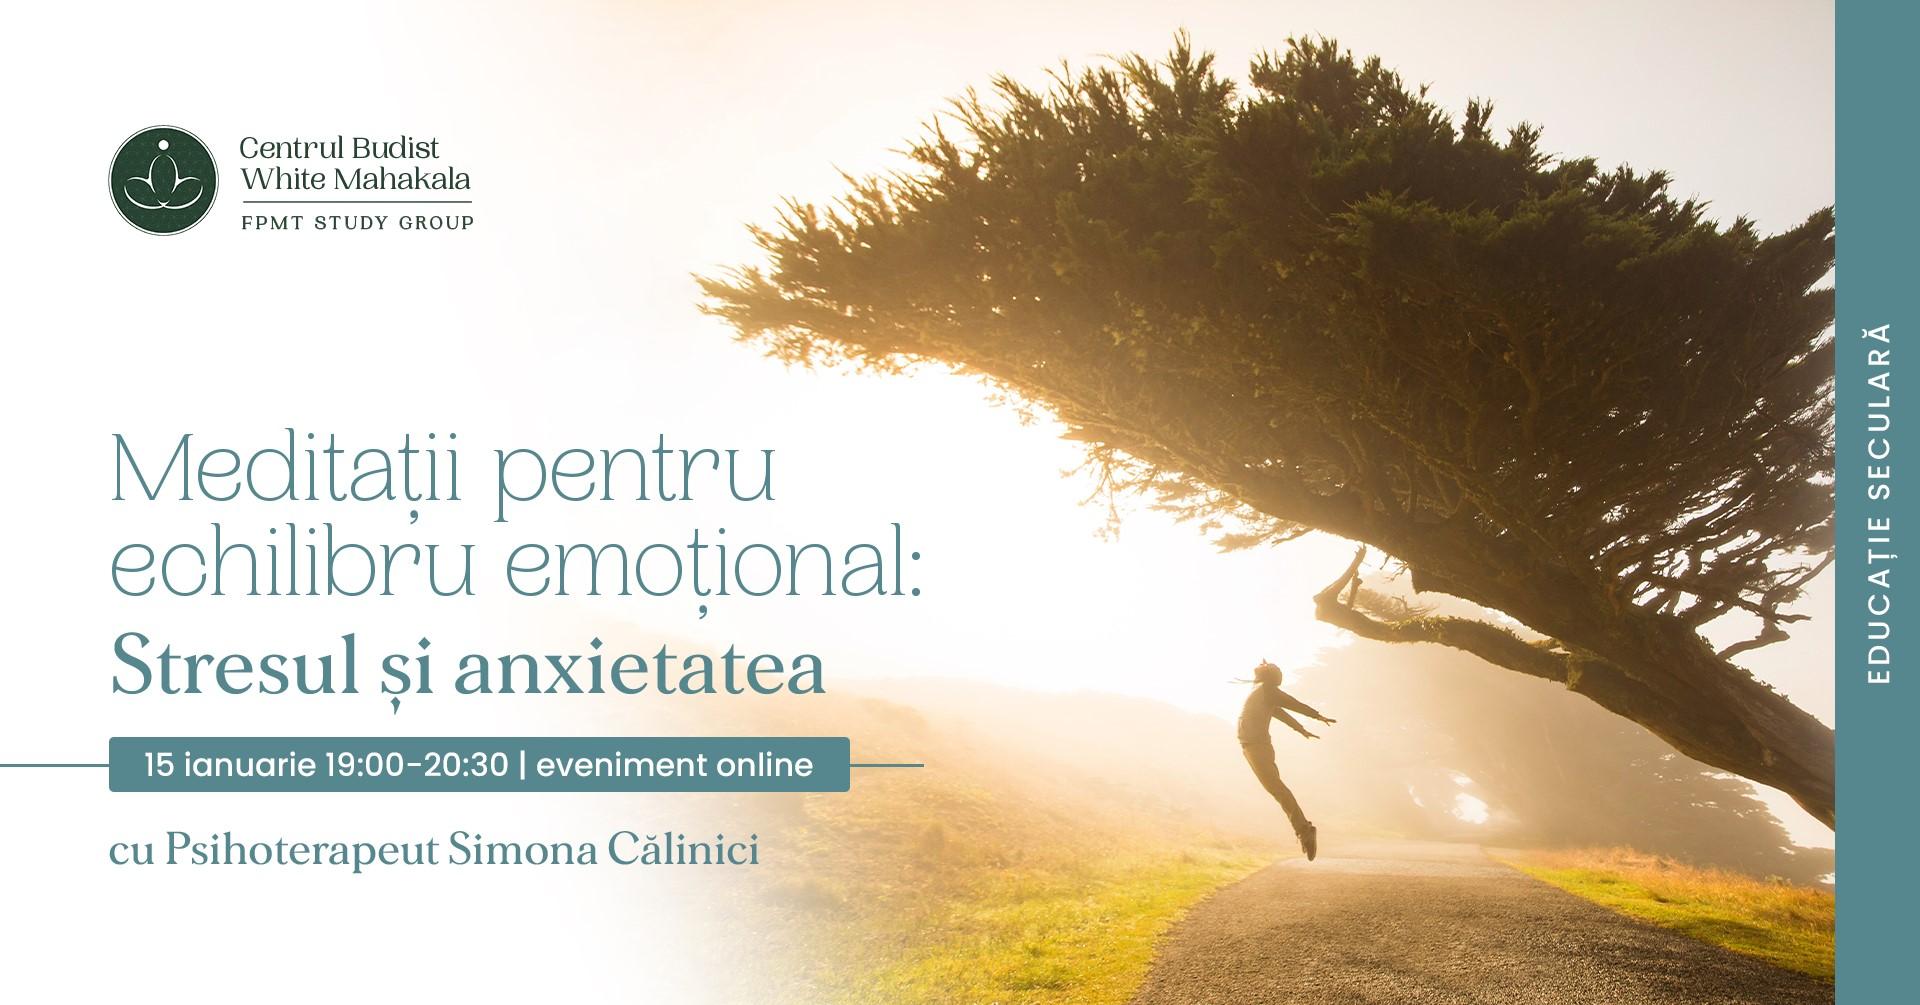 Meditatii pentru echilibru emotional: Stresul si anxietatea